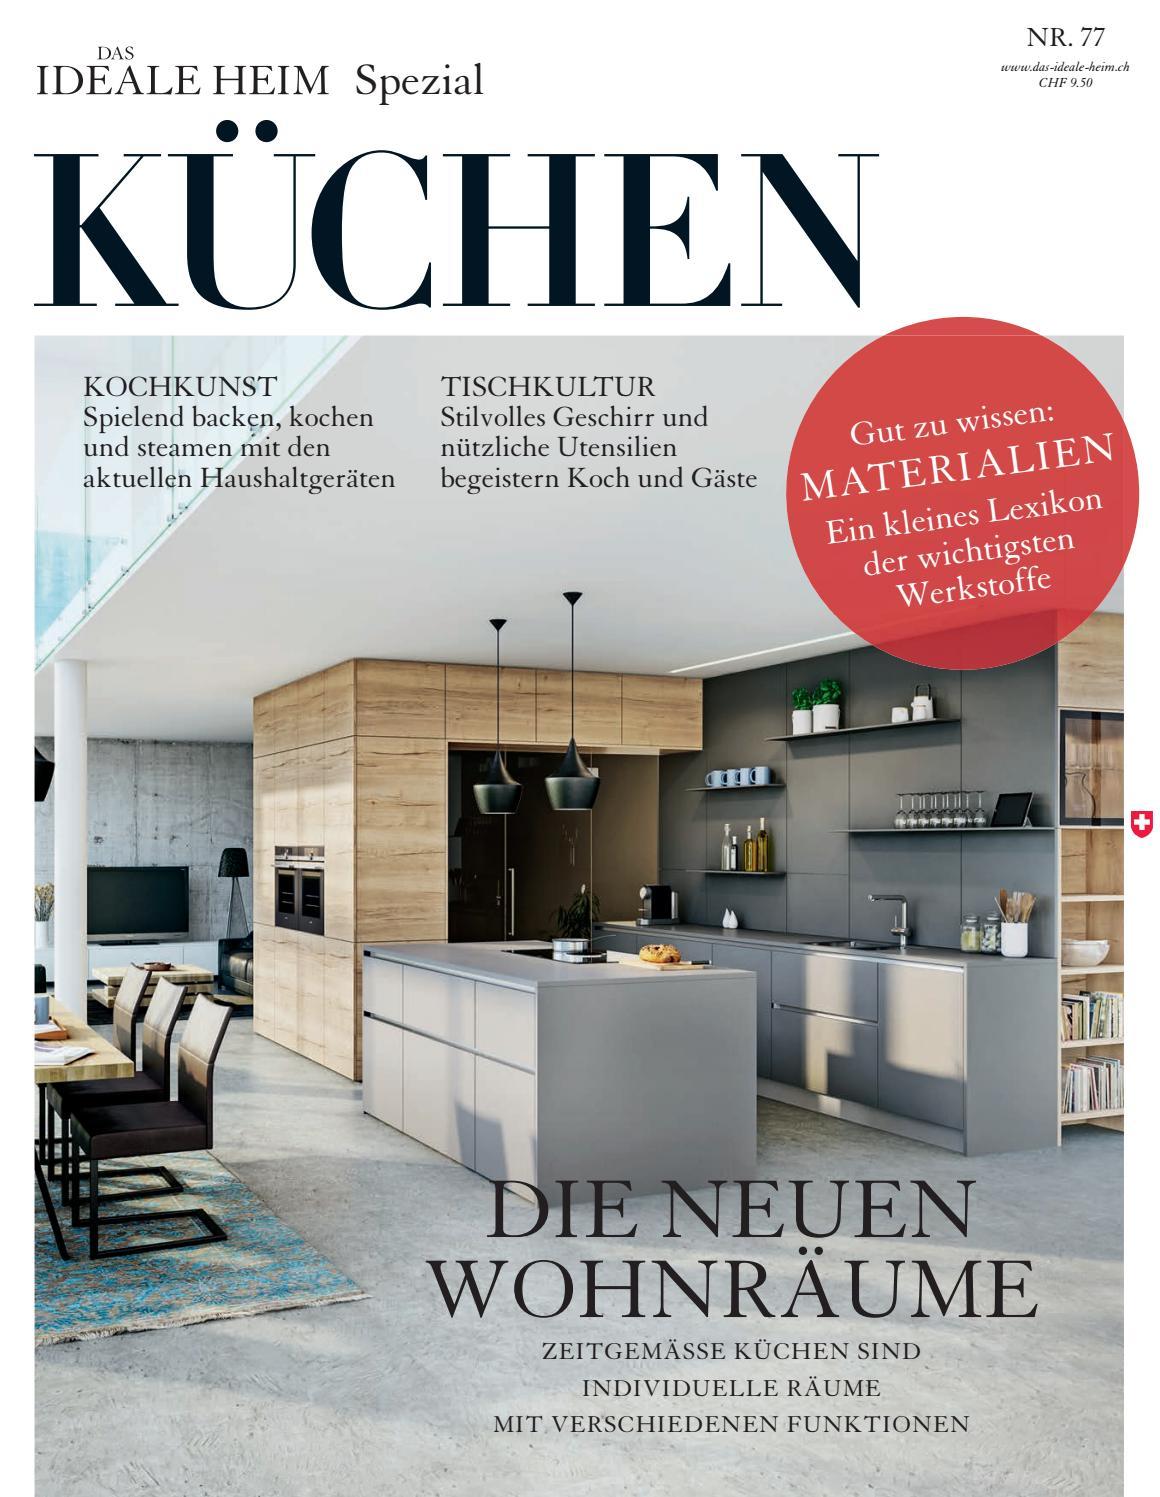 Das Ideale Heim Spezial – Küchen 2016/17 by Archithema Verlag - issuu